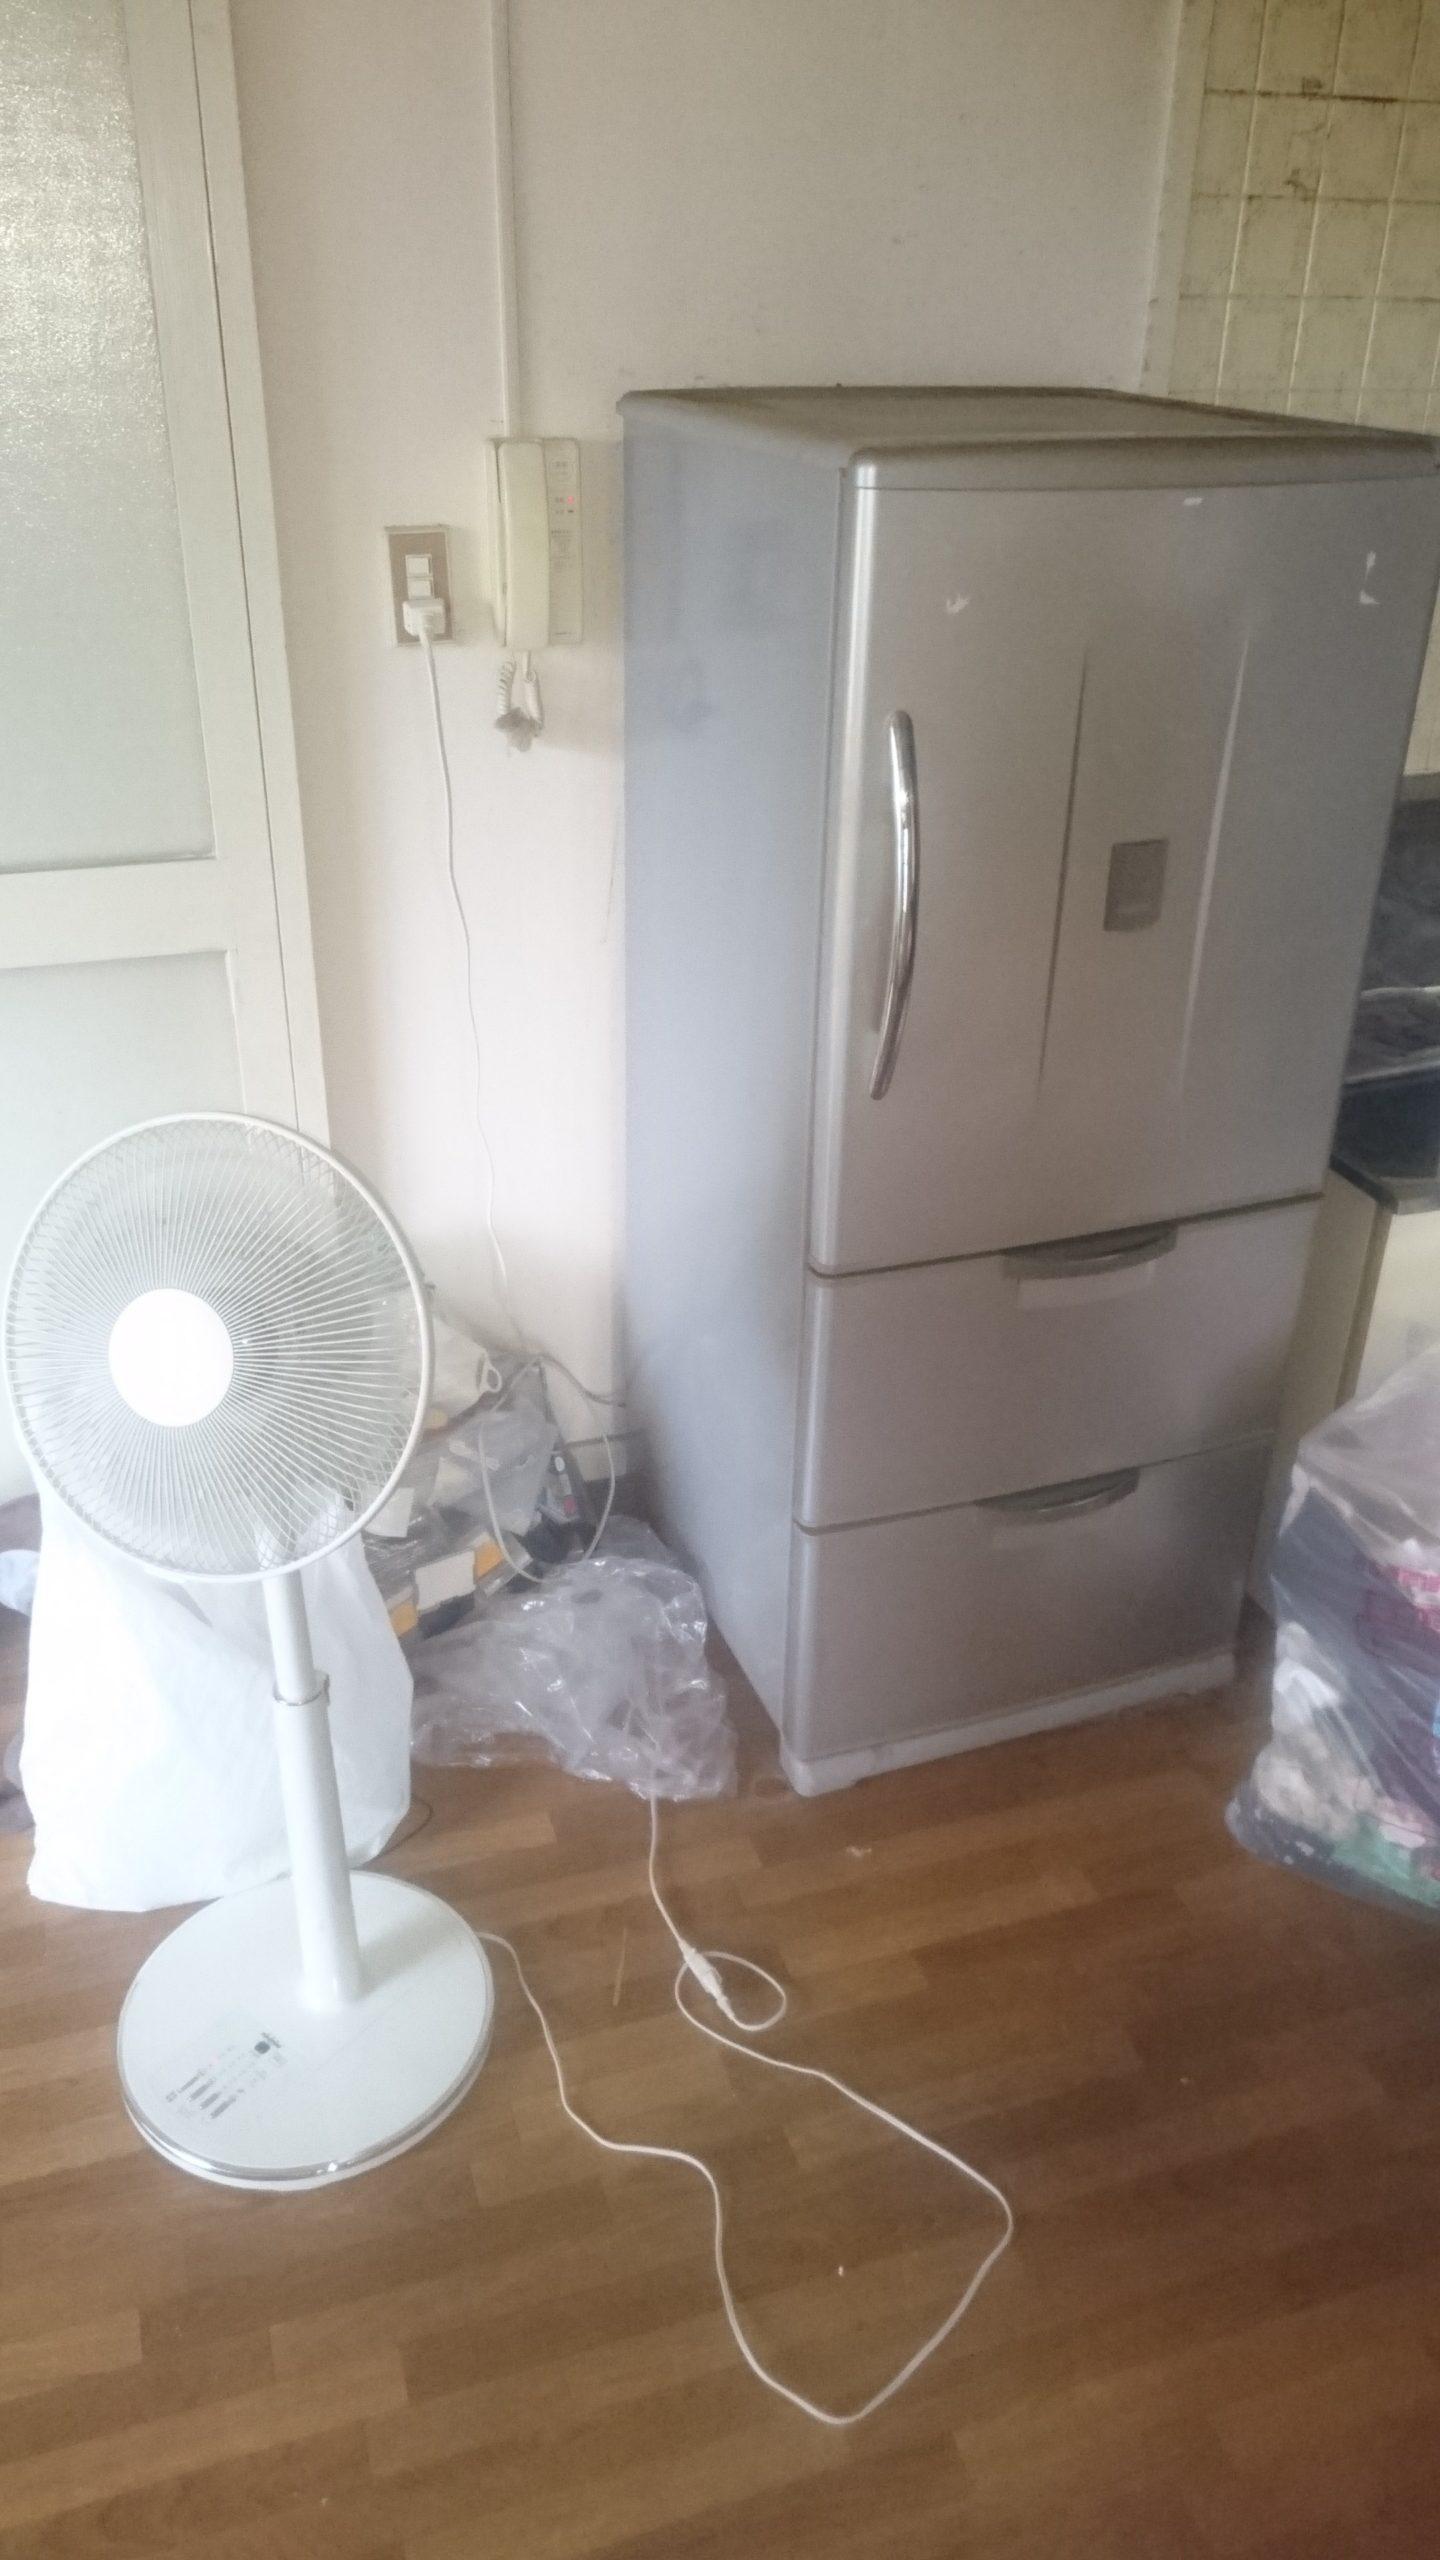 【愛知県名古屋市北区】冷蔵庫と扇風機、小物などの不用品回収